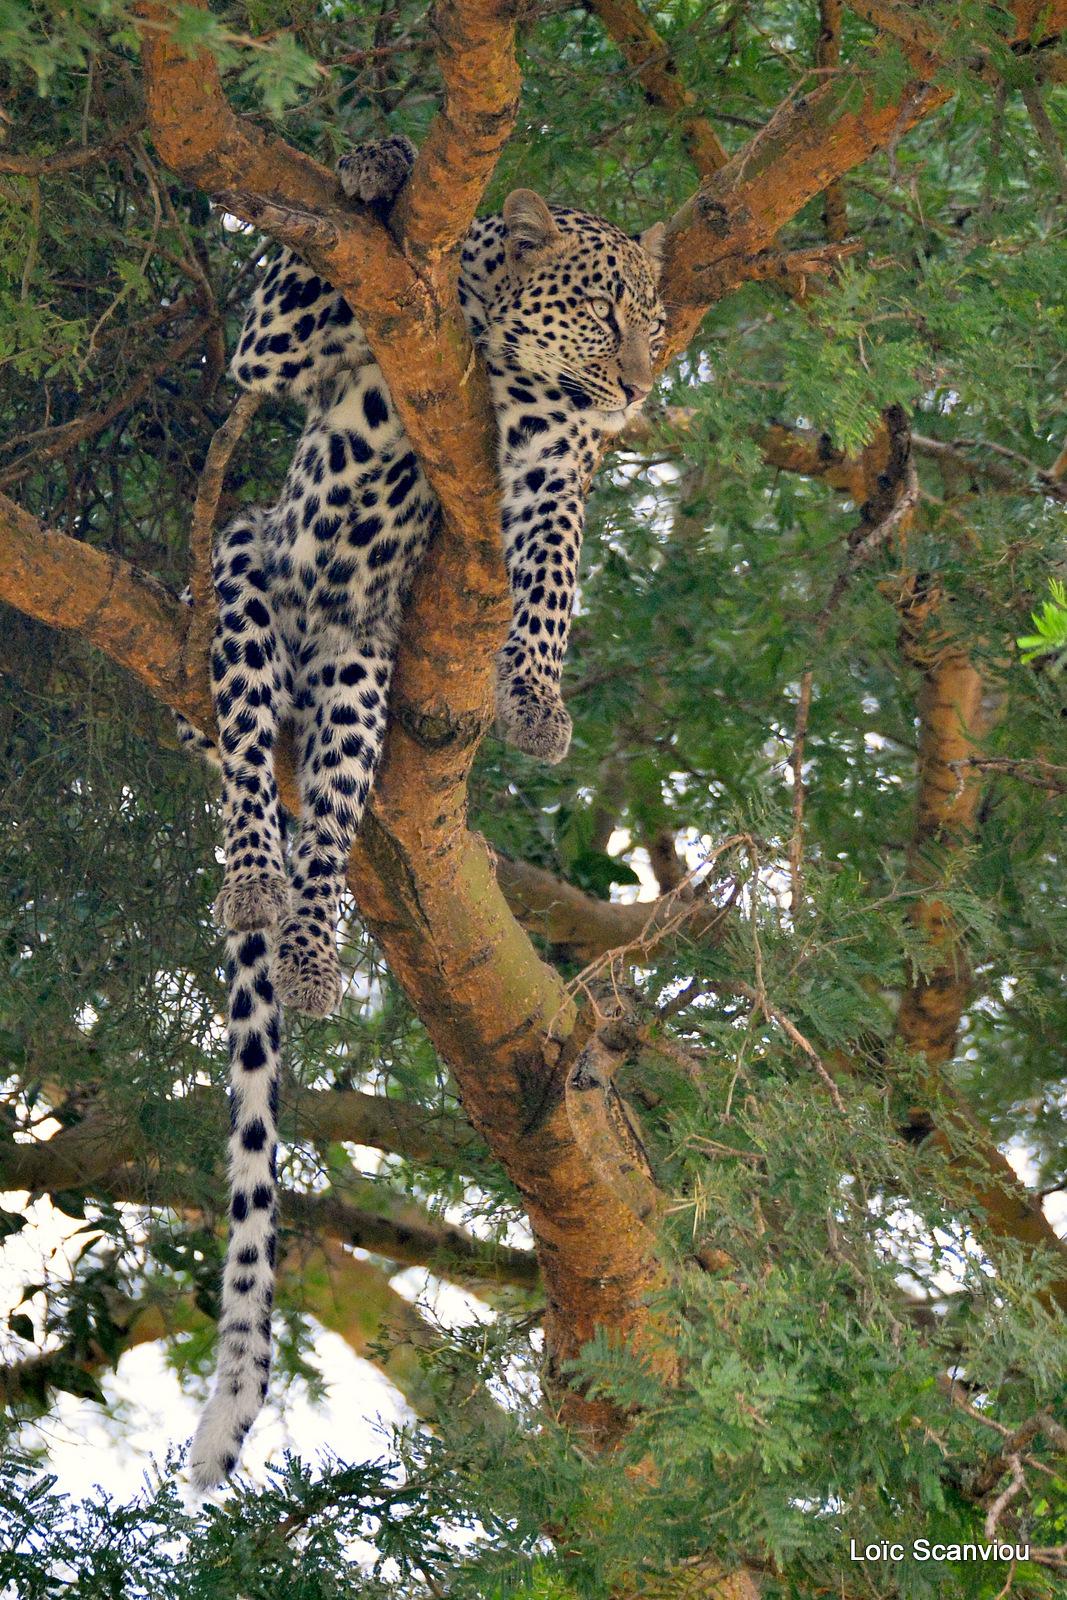 Léopard dans un arbre/Leopard on a tree (9)